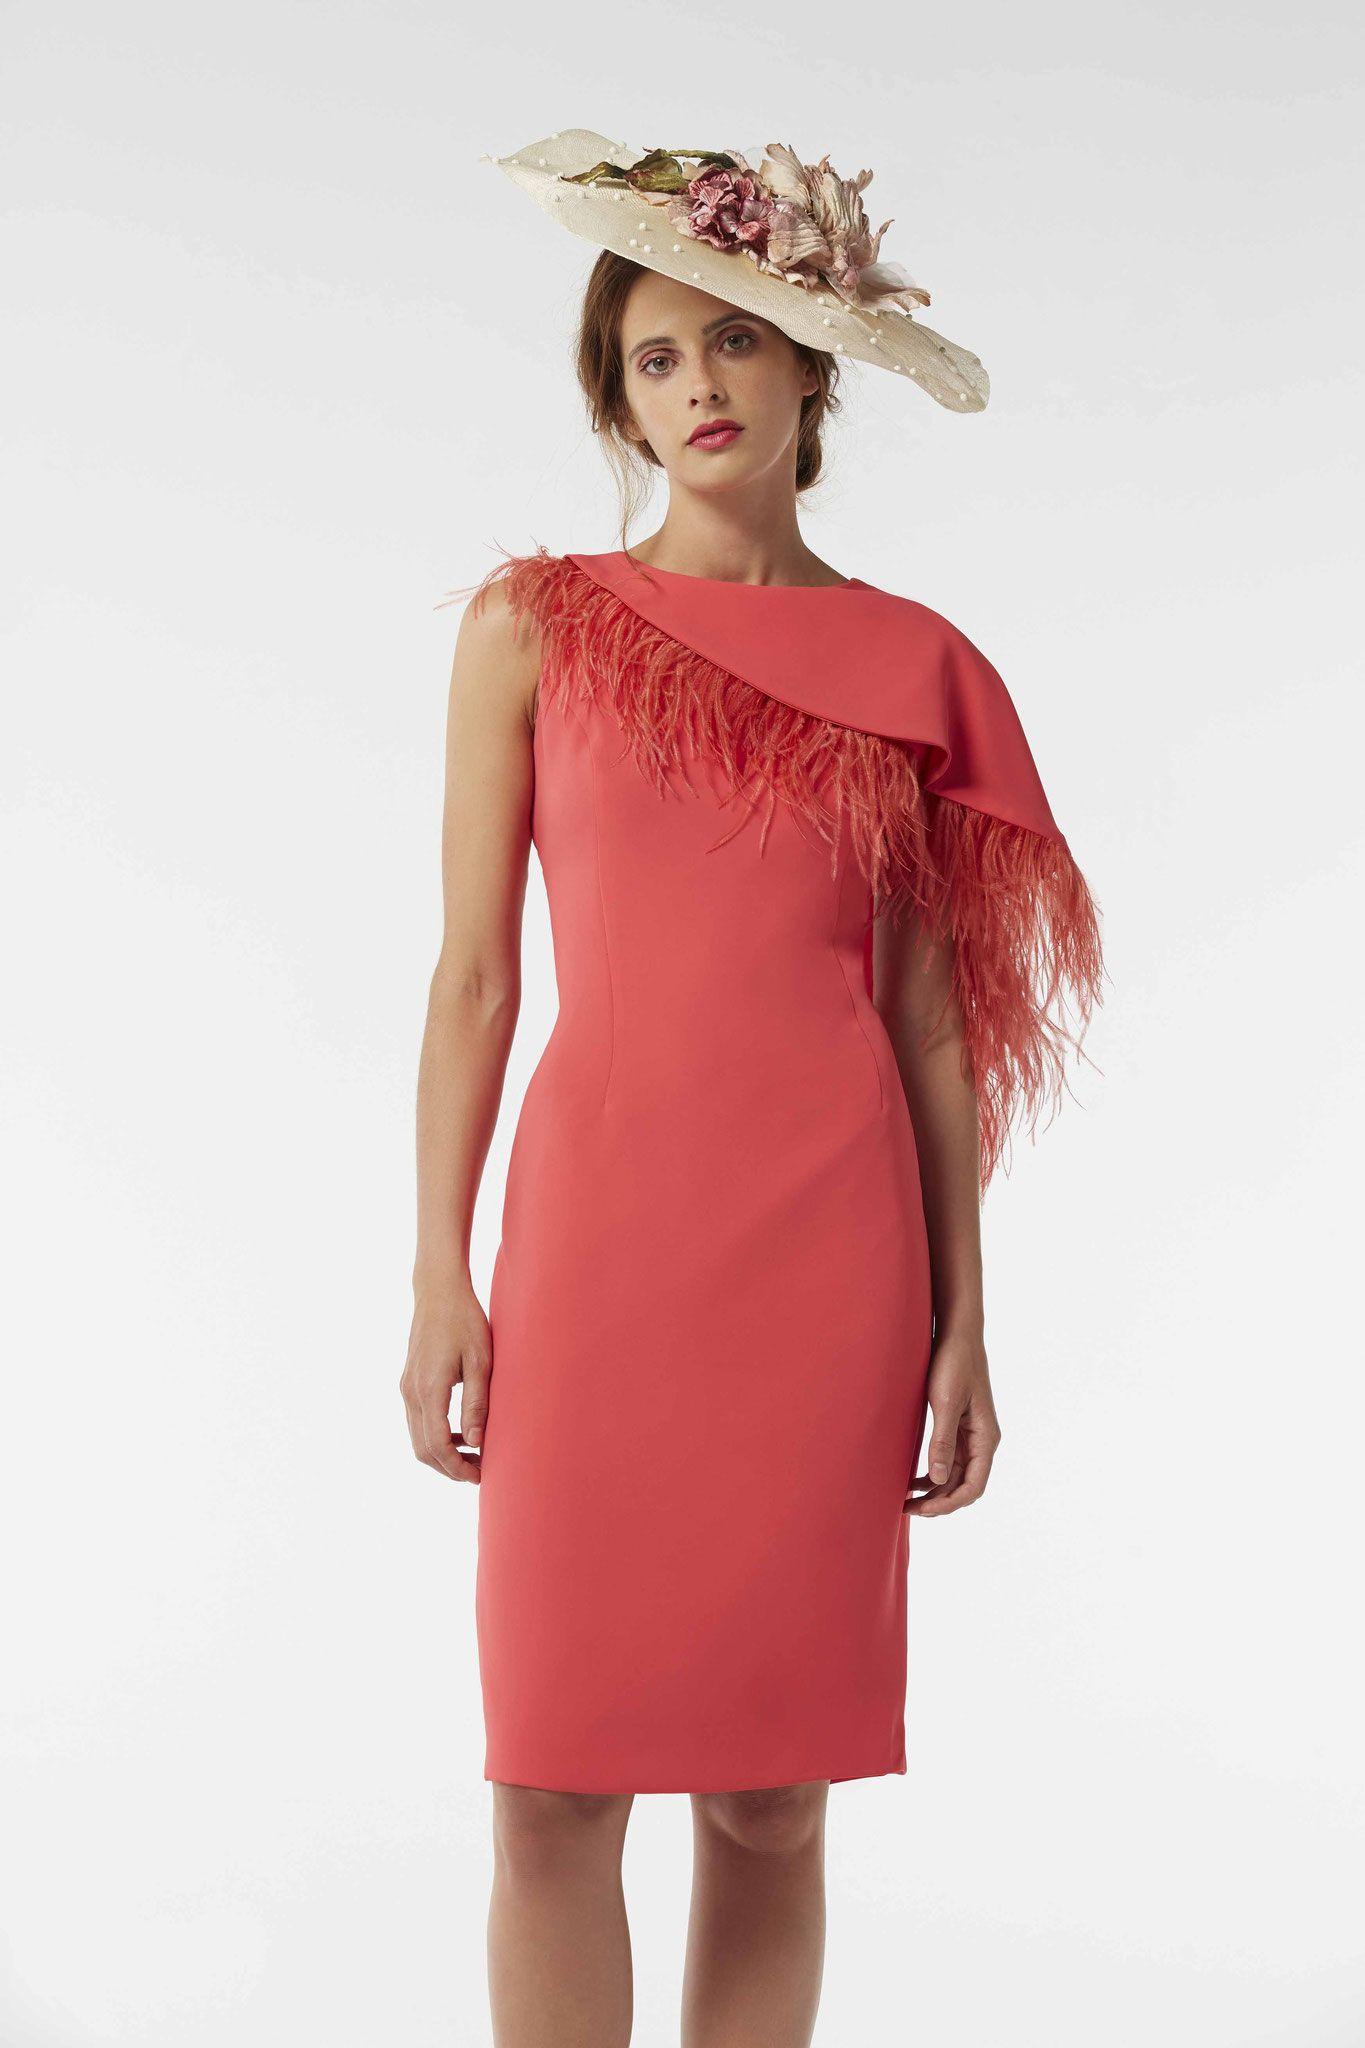 6d13d3f1d Primavera / Verano - Spiffy Boutique | Moda | Moda, Fiesta